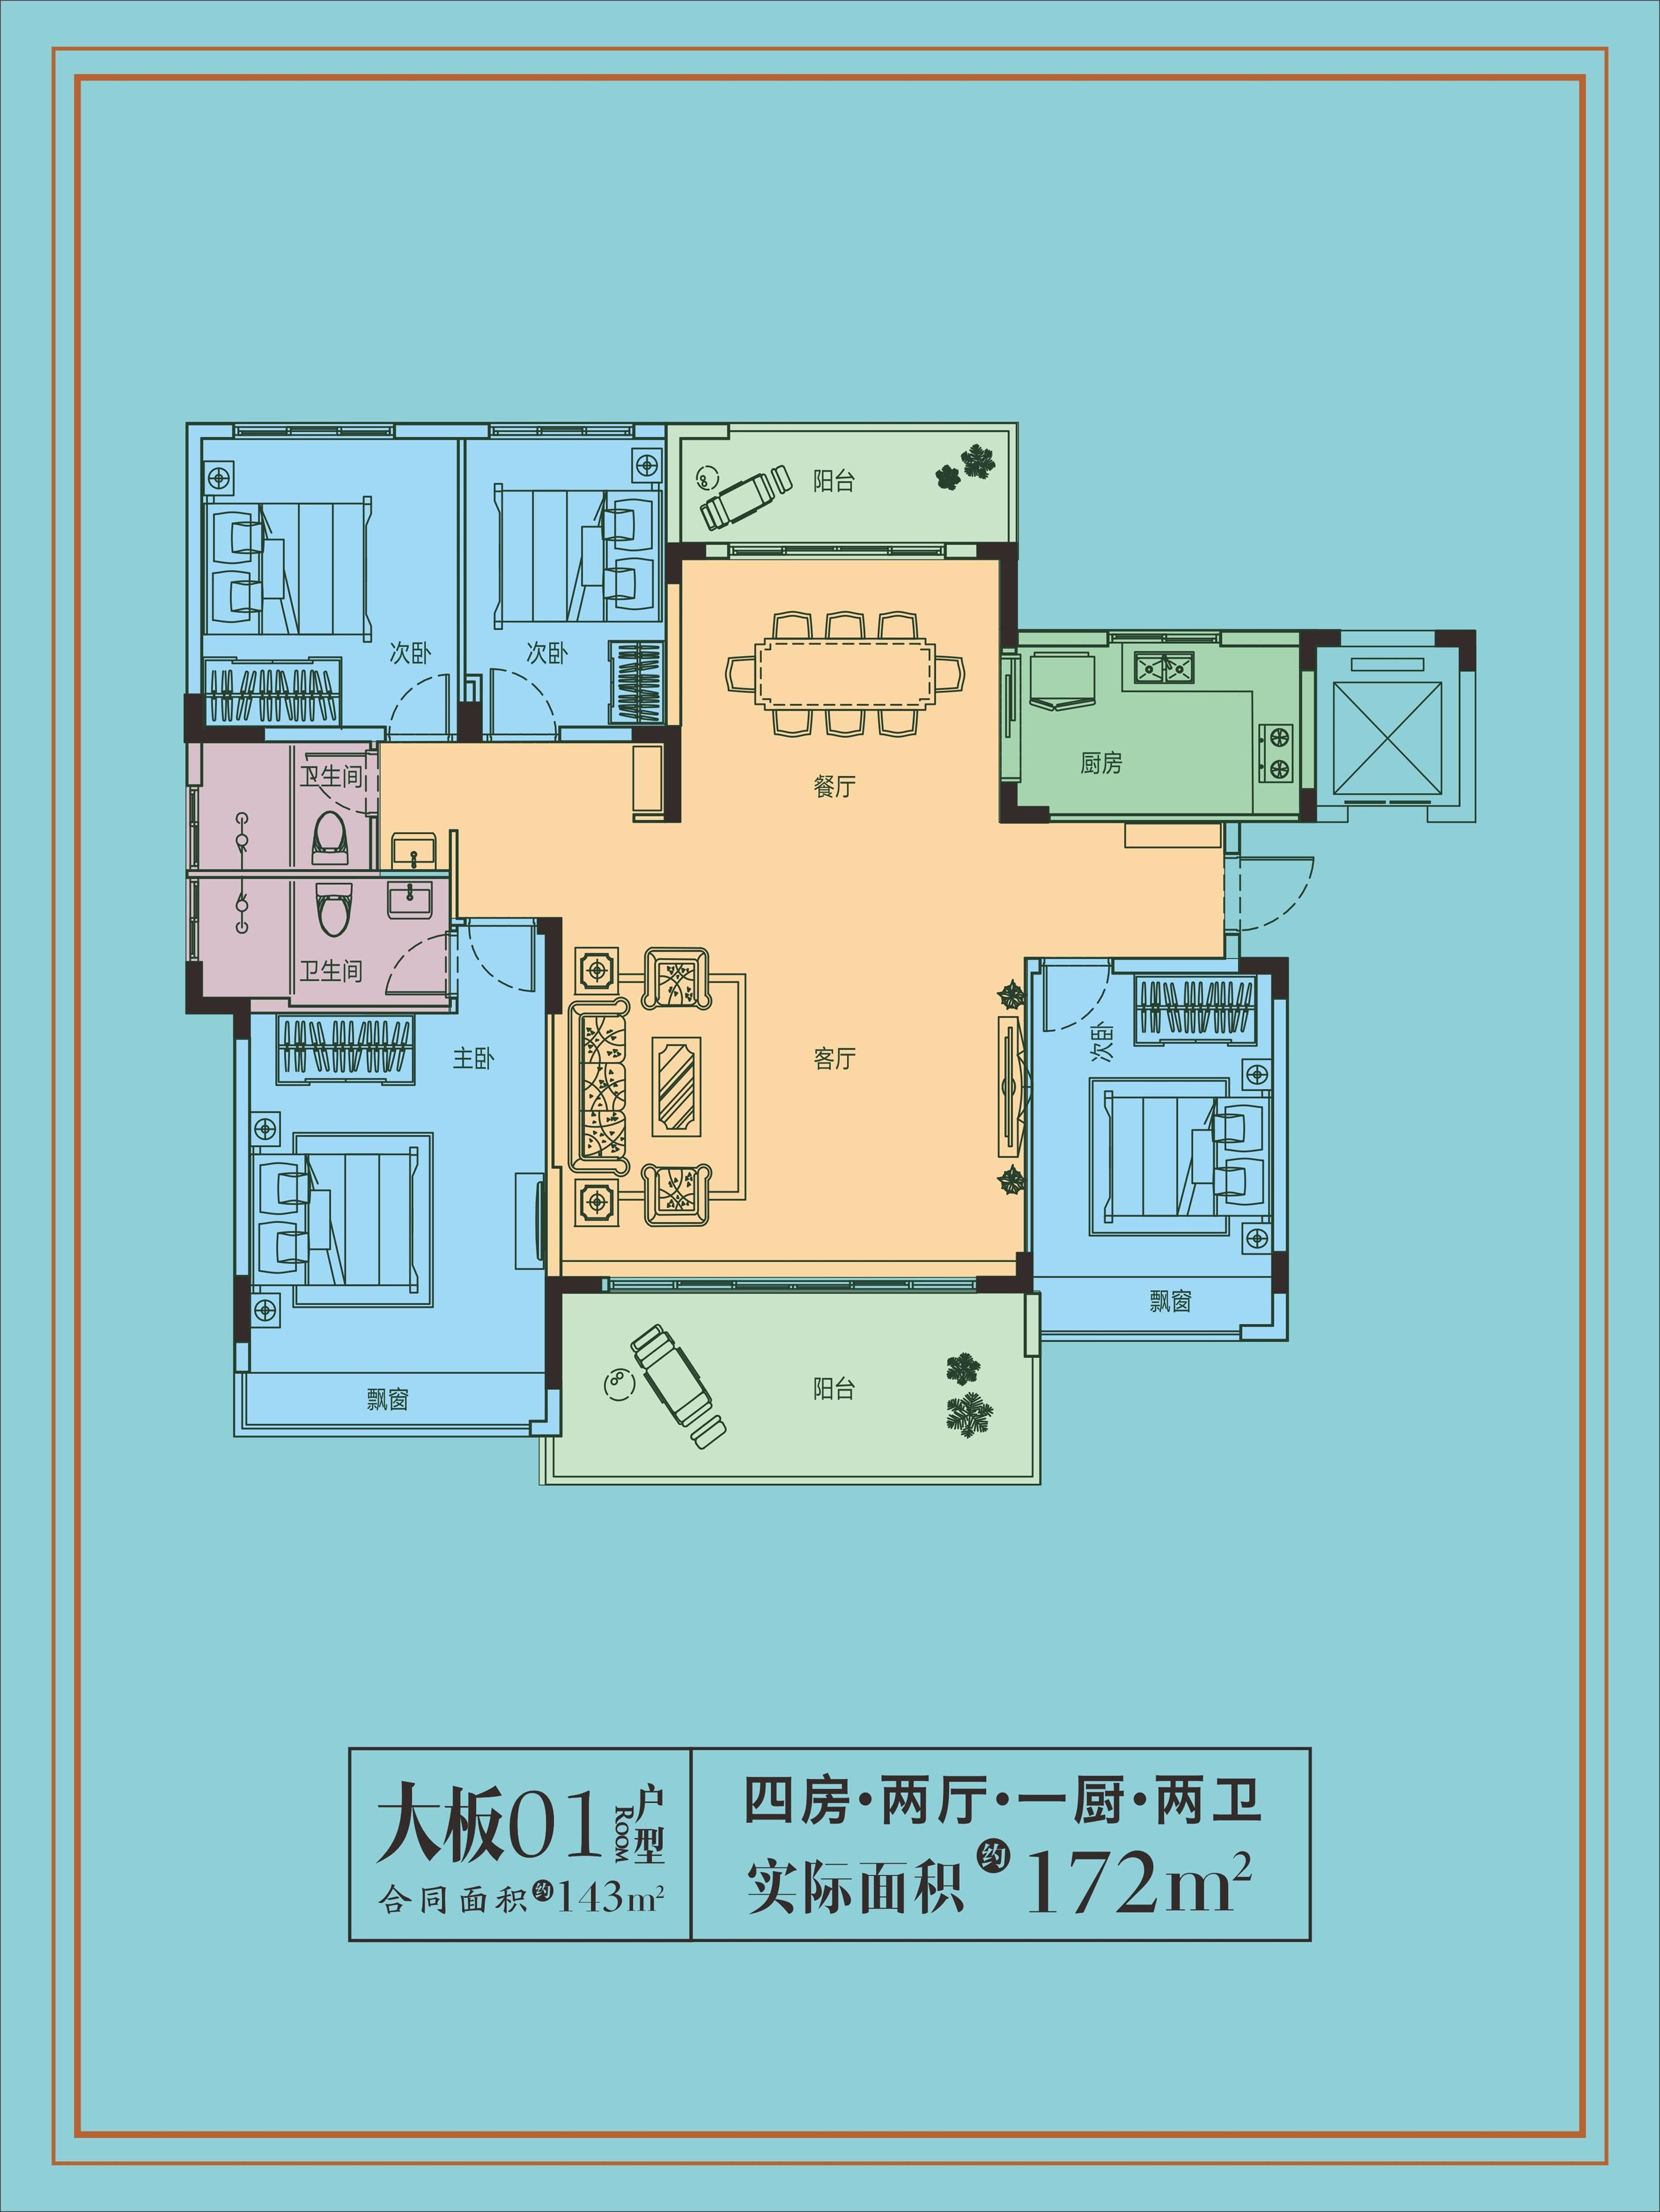 大板01戶型 4房2廳1廚2衛 實際面積172㎡